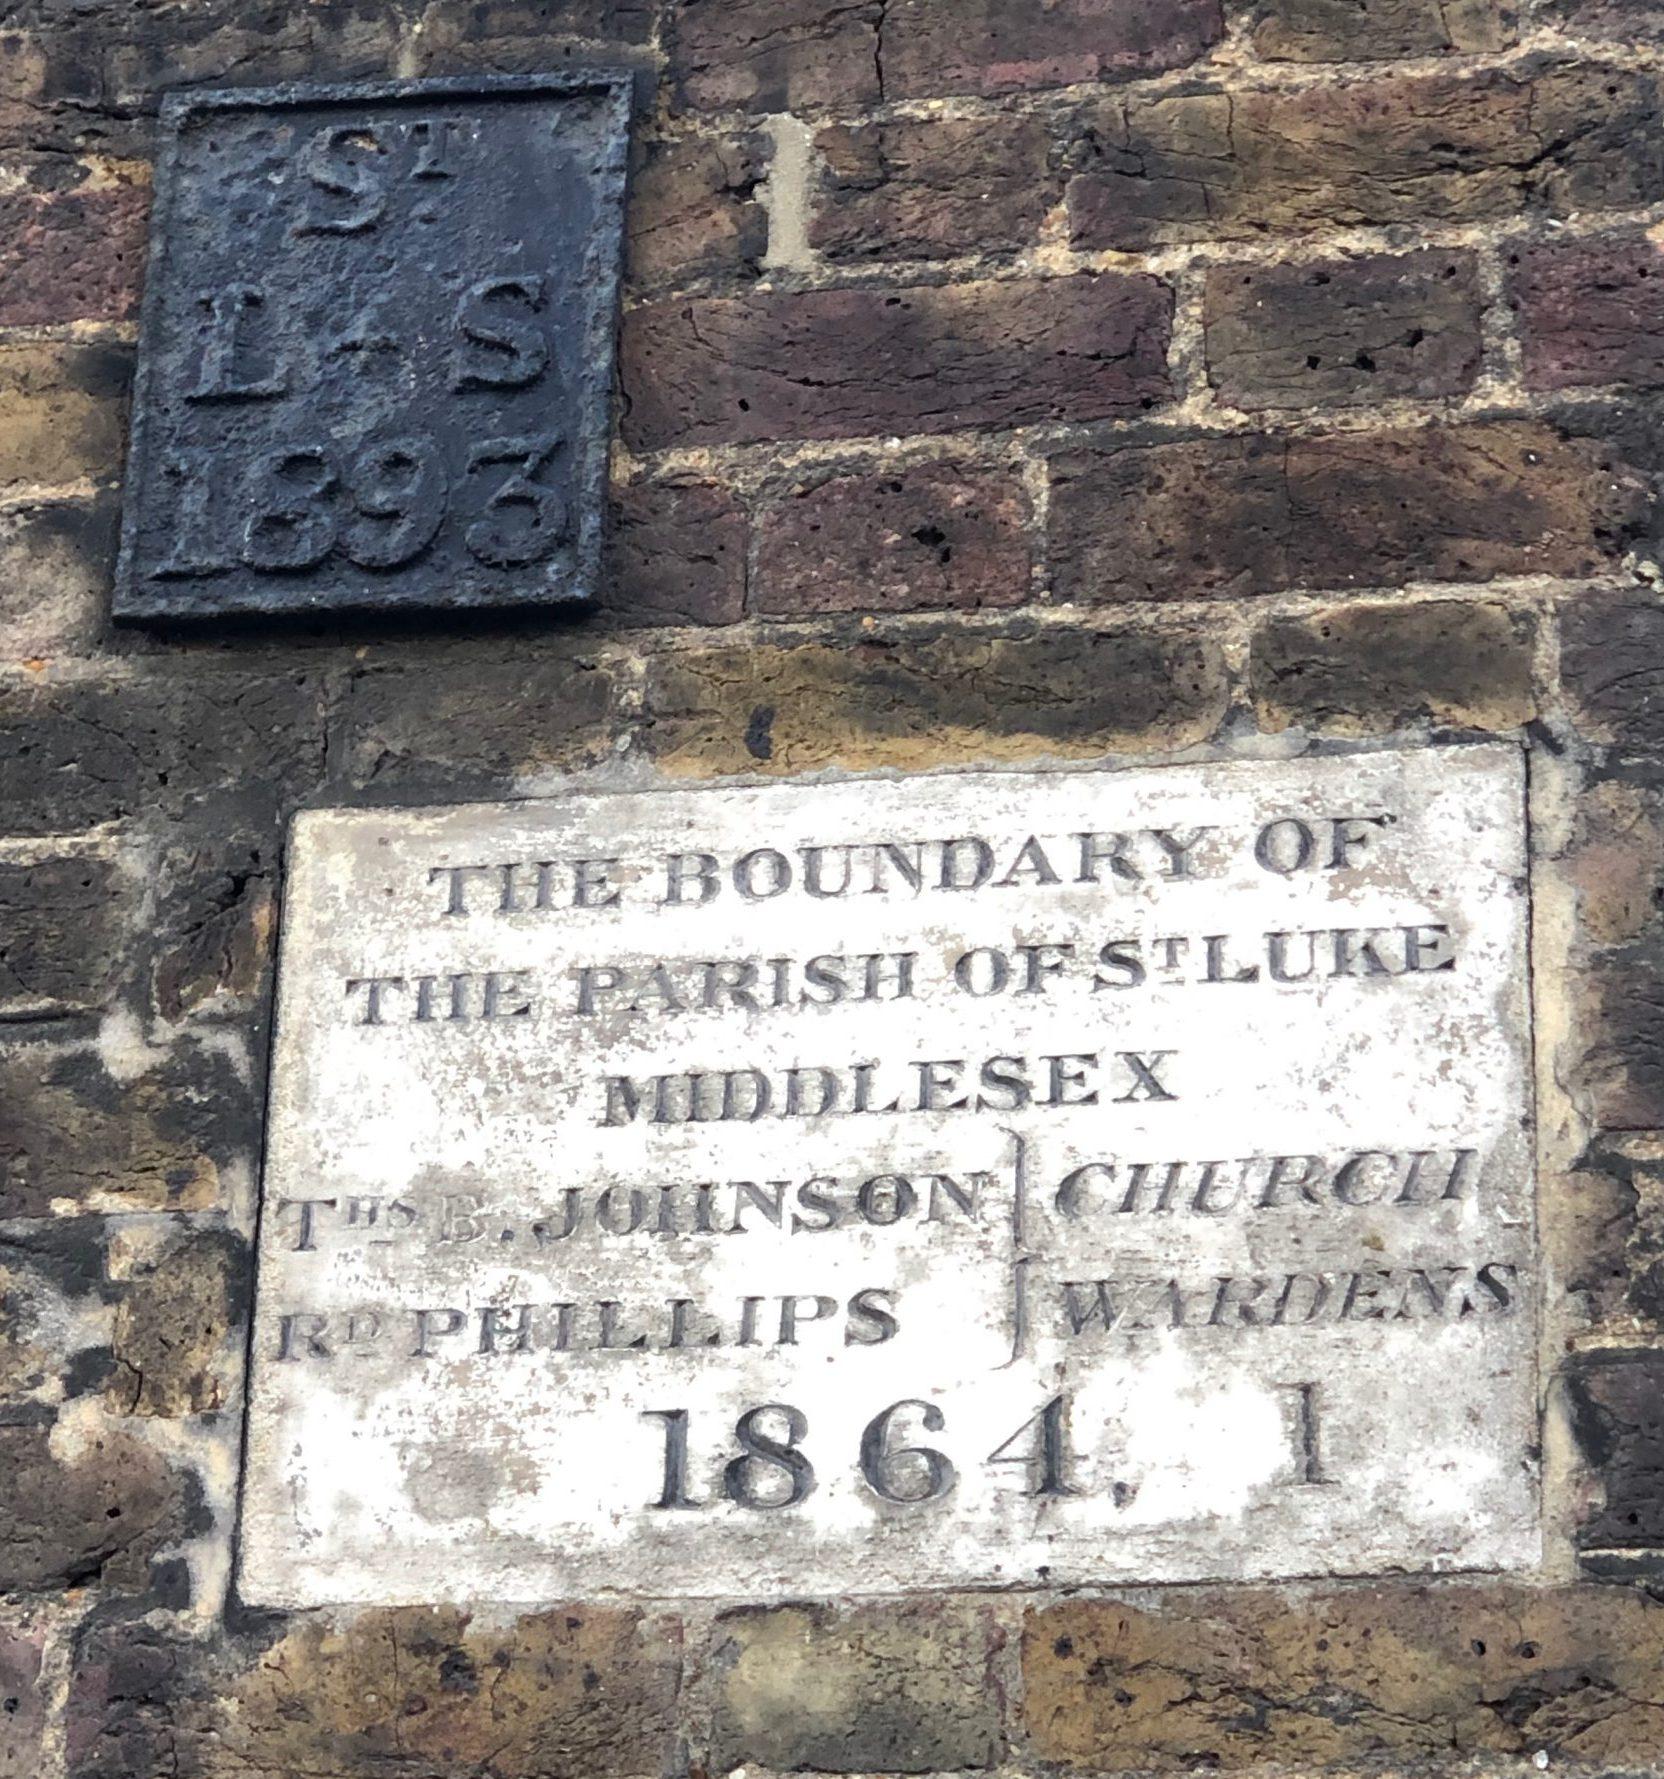 St-Luke-St-Leonard-boundary-markers